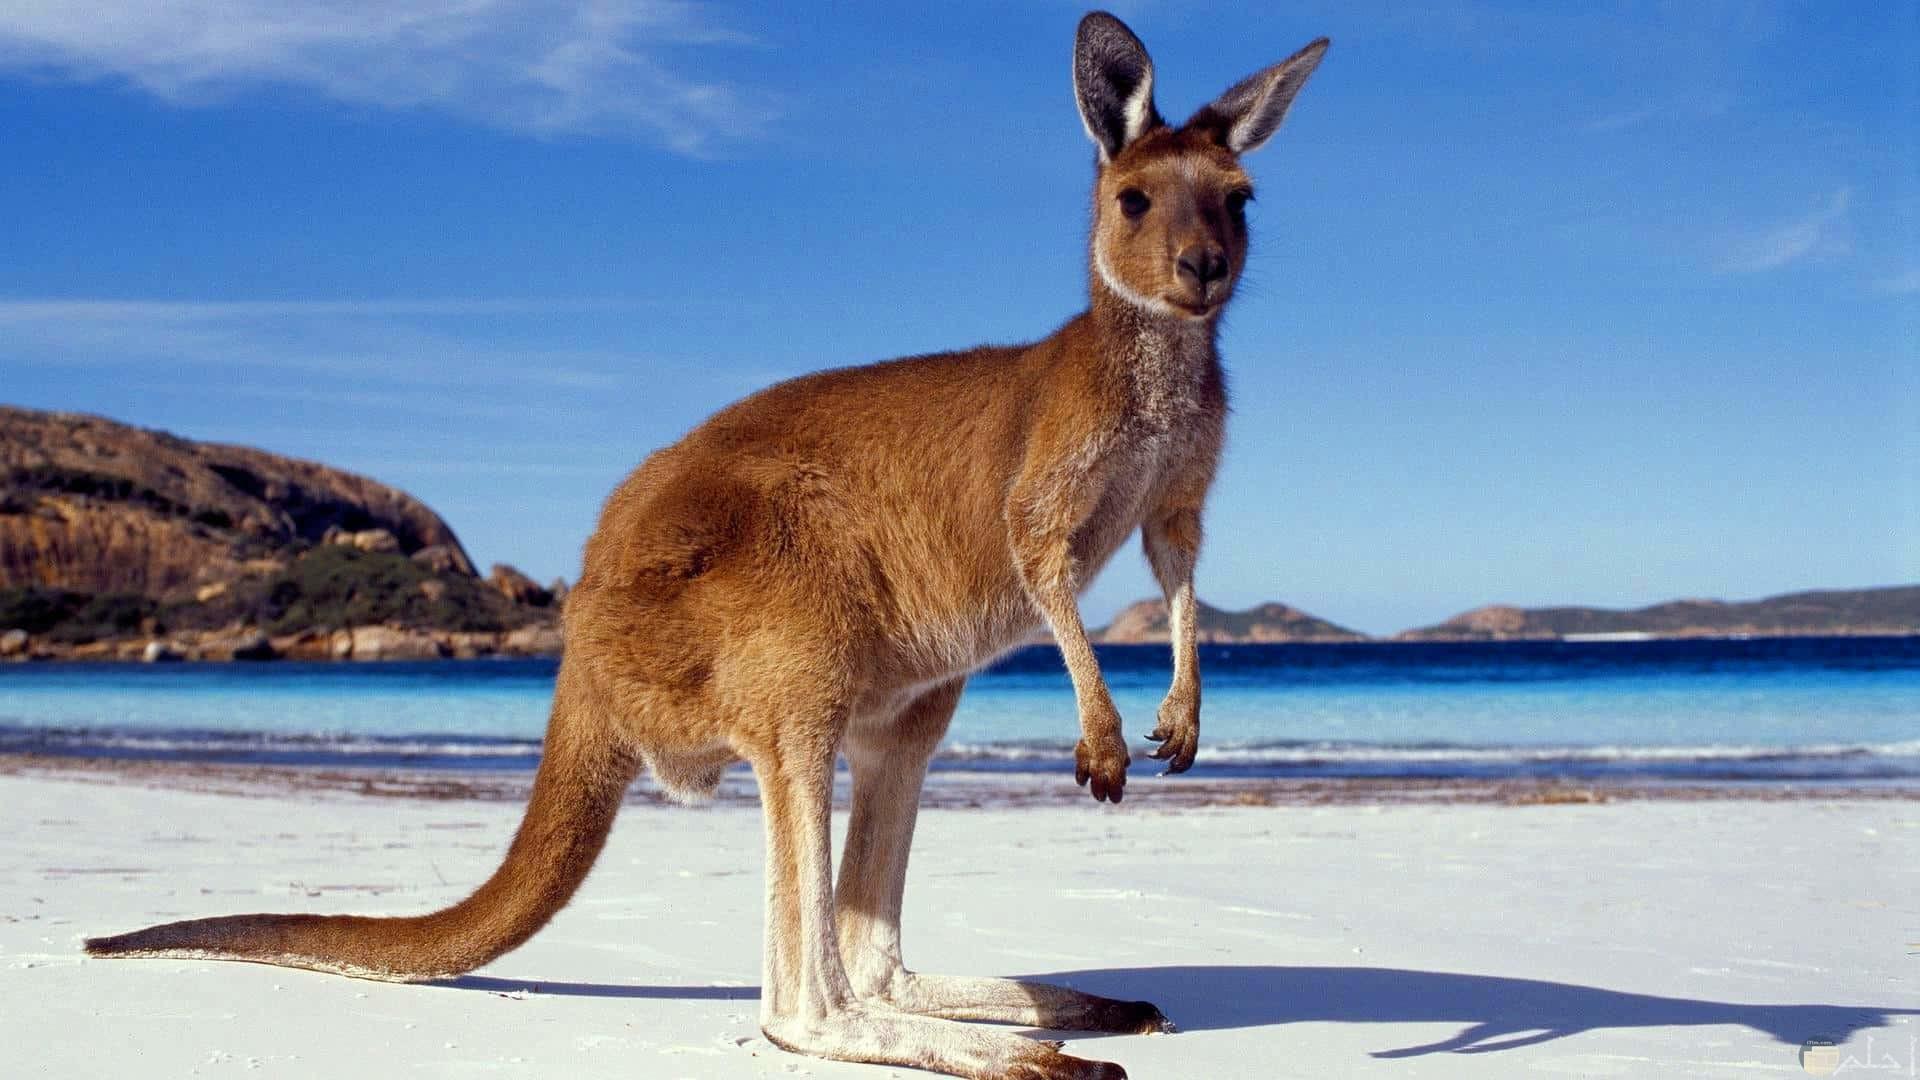 الكنجرو: و يشتهر بأنه الحيوان الوحيد الذي لا يشرب الماء بل يصنعه في جسده.